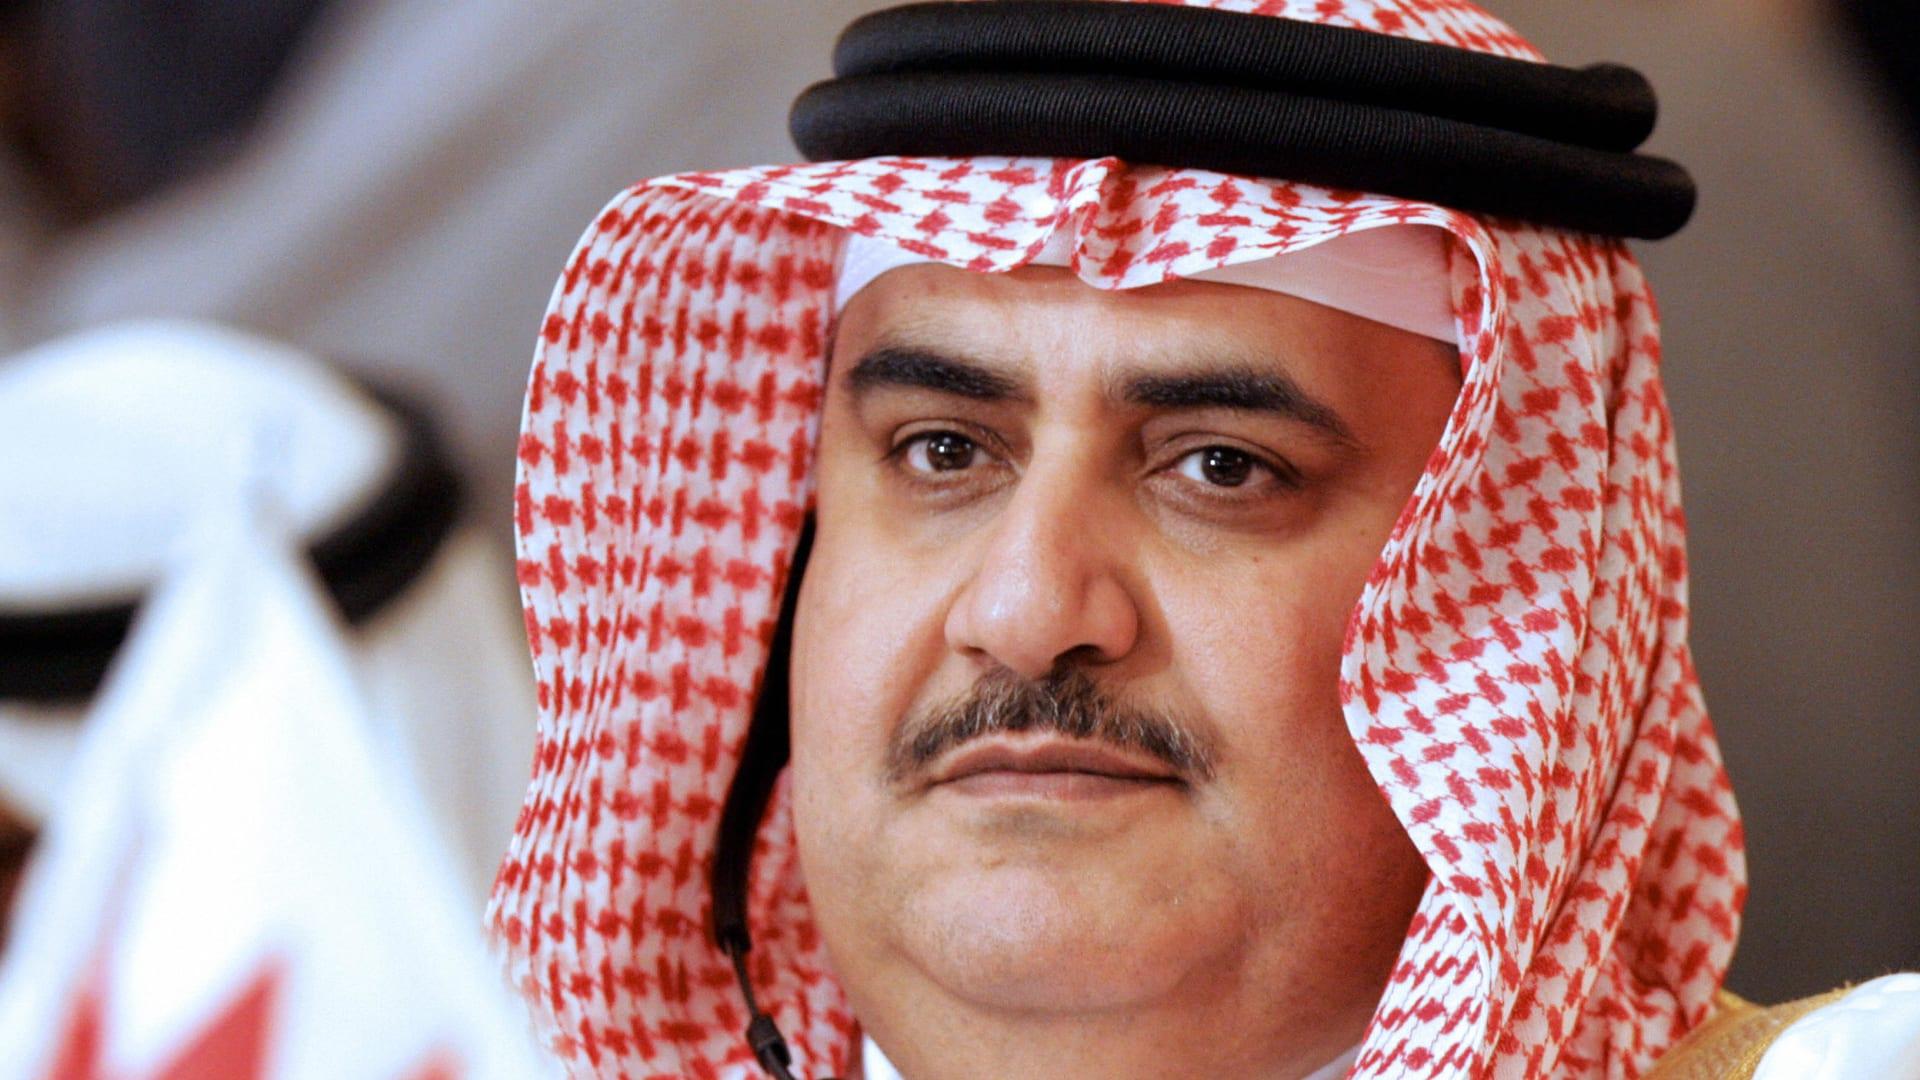 الشيخ خالد بن أحمد